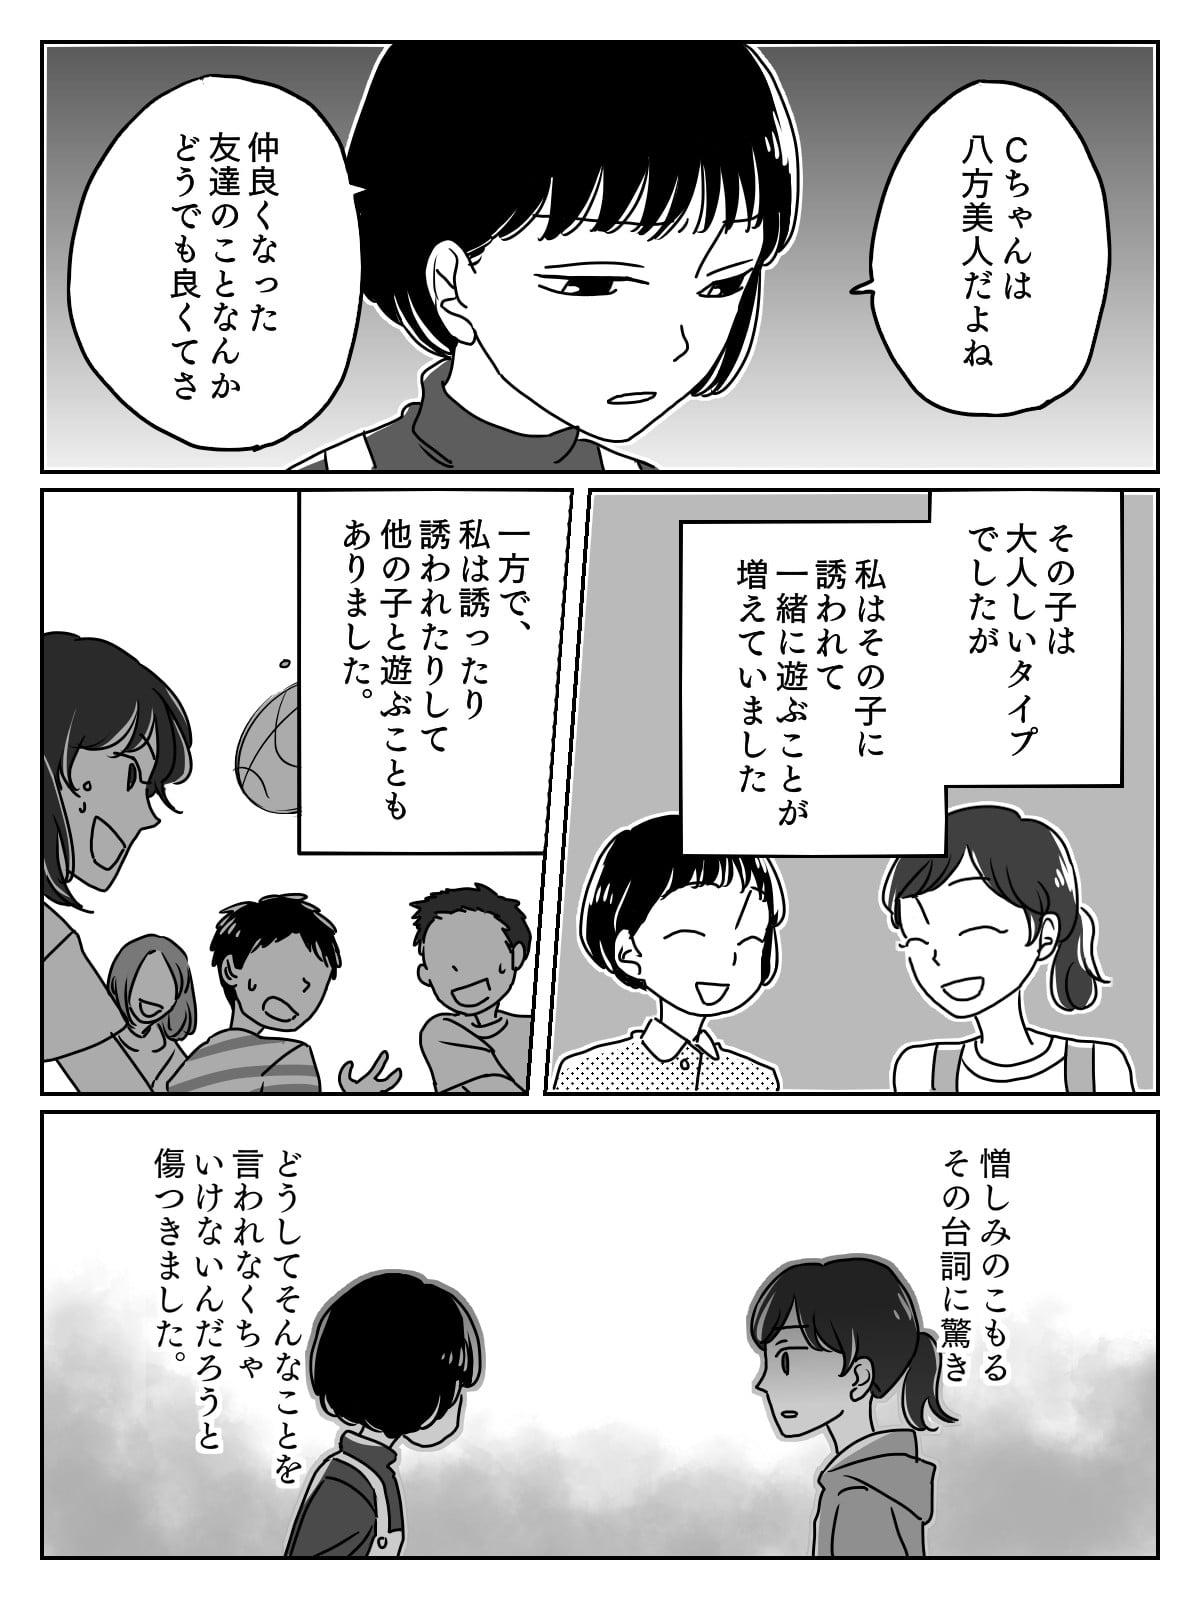 「ママ友関係」三者三様のうず巻く感情~サッパリした性格のC子の場合~